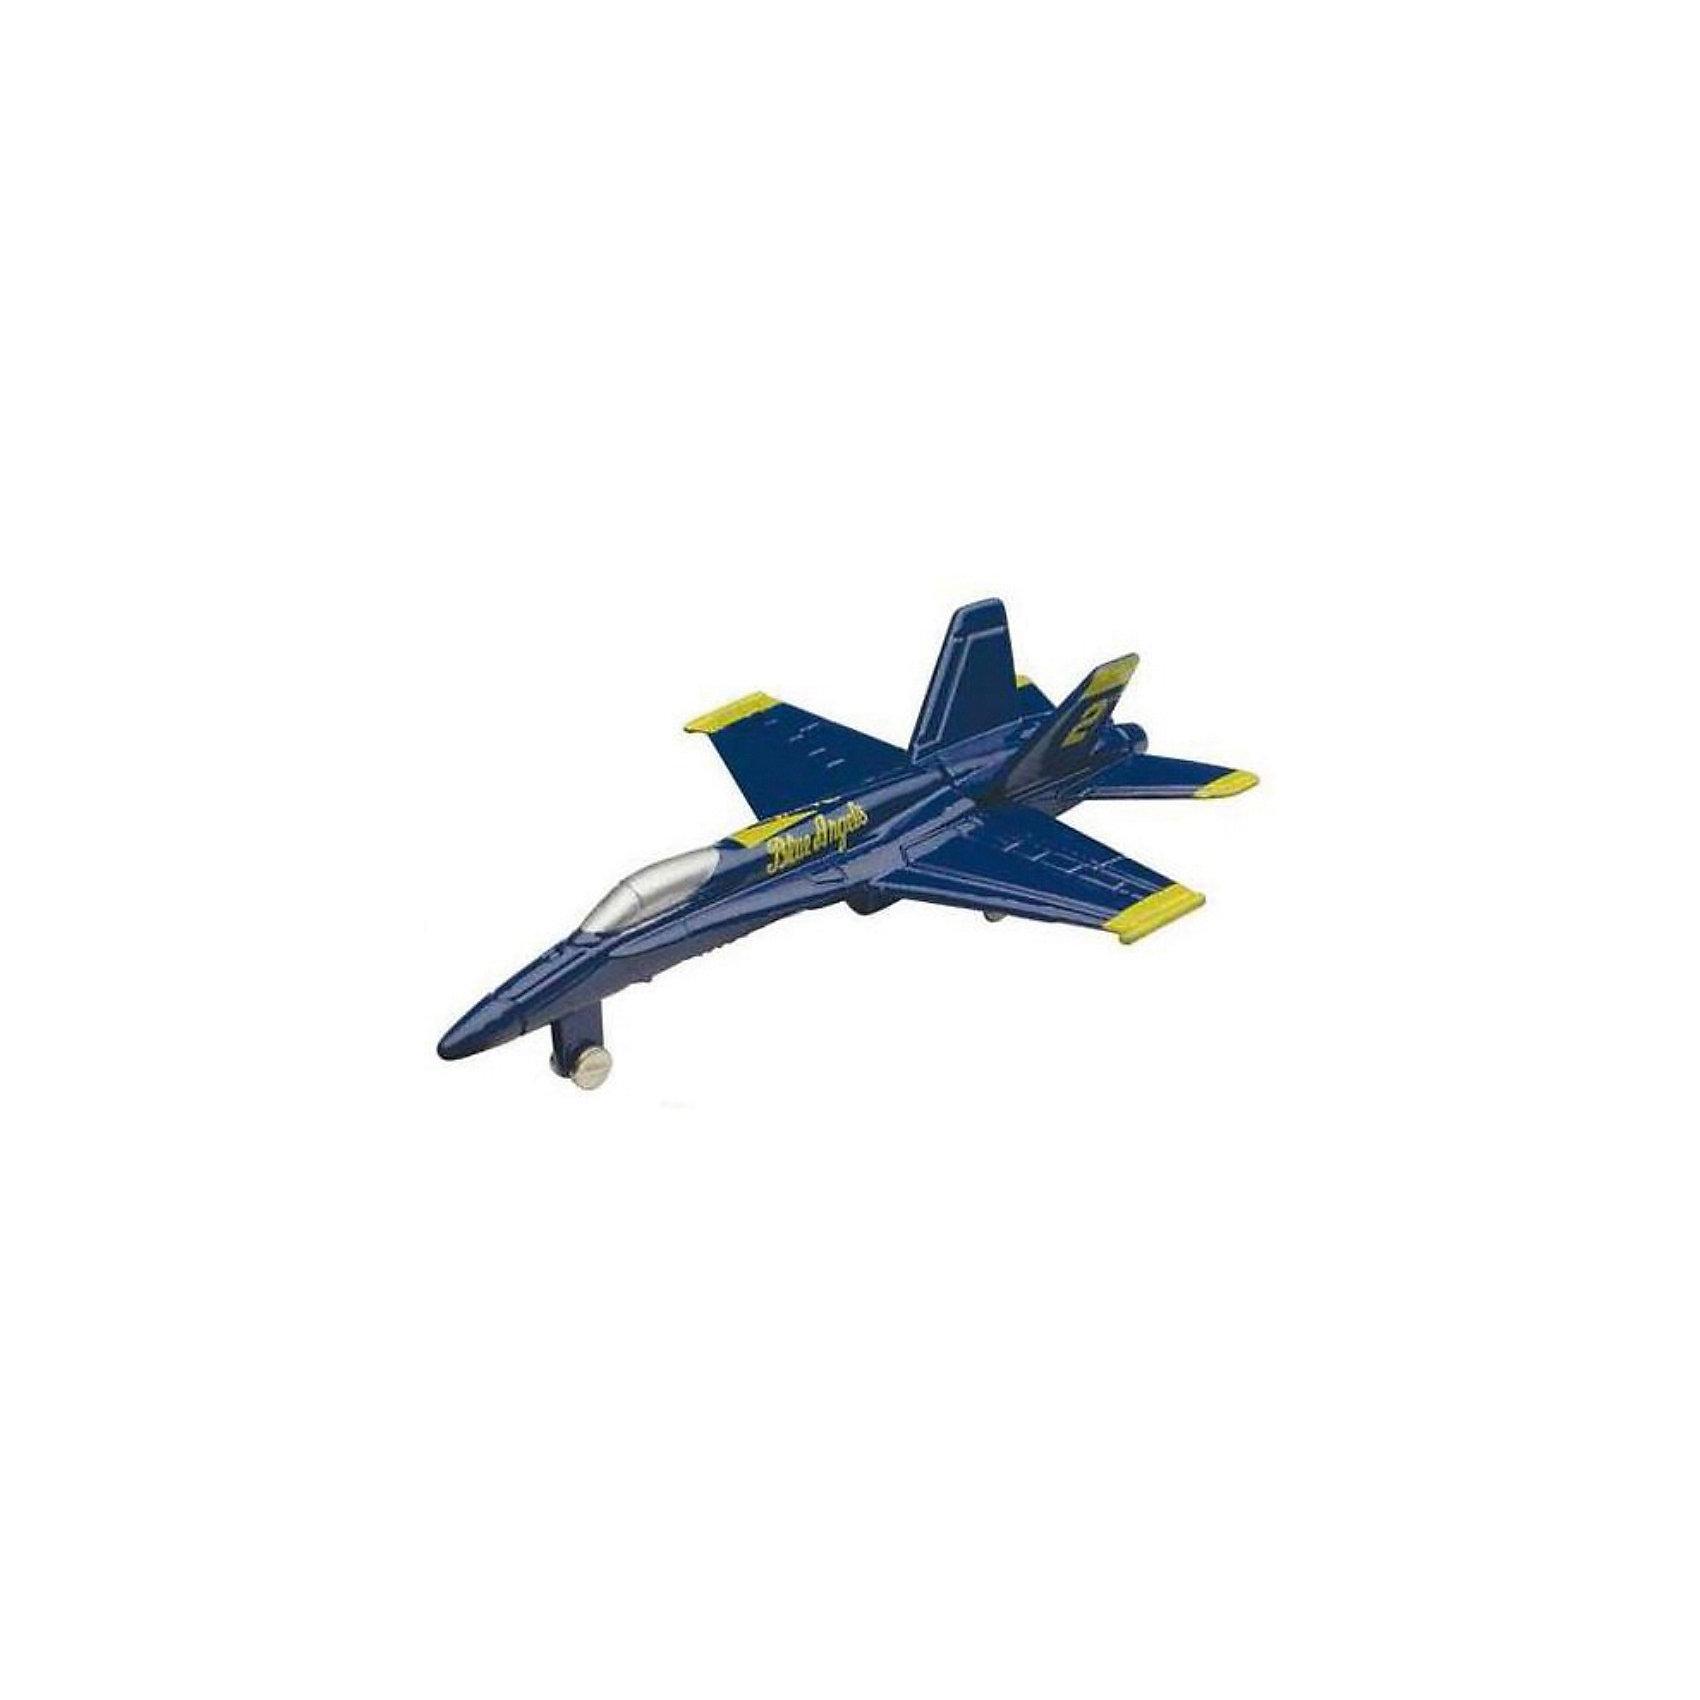 Самолет F/A-18 Hornet,  MotormaxСамолёты и вертолёты<br>Самолет F/A-18 Hornet,  Motormax (Мотормакс) – это отличное пополнение коллекции авиационной техники.<br>Коллекционная игрушка самолет F/A-18 Hornet (Хорнет) от компании Motormax (Мотормакс) в точности повторяет контуры американского палубного истребителя-бомбардировщика и штурмовика, чем вызовет неподдельный интерес, как у ребенка, так и взрослого коллекционера. Модель максимально приближена к своему прототипу. По сути это уменьшенная копия настоящего самолета, сохранившая его пропорции и узнаваемые элементы. Стоит также отметить хорошую для таких размеров детализацию. Модель самолета изготовлена из прочного и качественного пластика, поэтому может использоваться и для обычной игры.<br><br>Дополнительная информация:<br><br>- Длина самолета: 9 см.<br>- Материал: пластик<br><br>Самолет F/A-18 Hornet,  Motormax (Мотормакс) можно купить в нашем интернет-магазине.<br><br>Ширина мм: 127<br>Глубина мм: 30<br>Высота мм: 178<br>Вес г: 80<br>Возраст от месяцев: 36<br>Возраст до месяцев: 168<br>Пол: Мужской<br>Возраст: Детский<br>SKU: 3839009